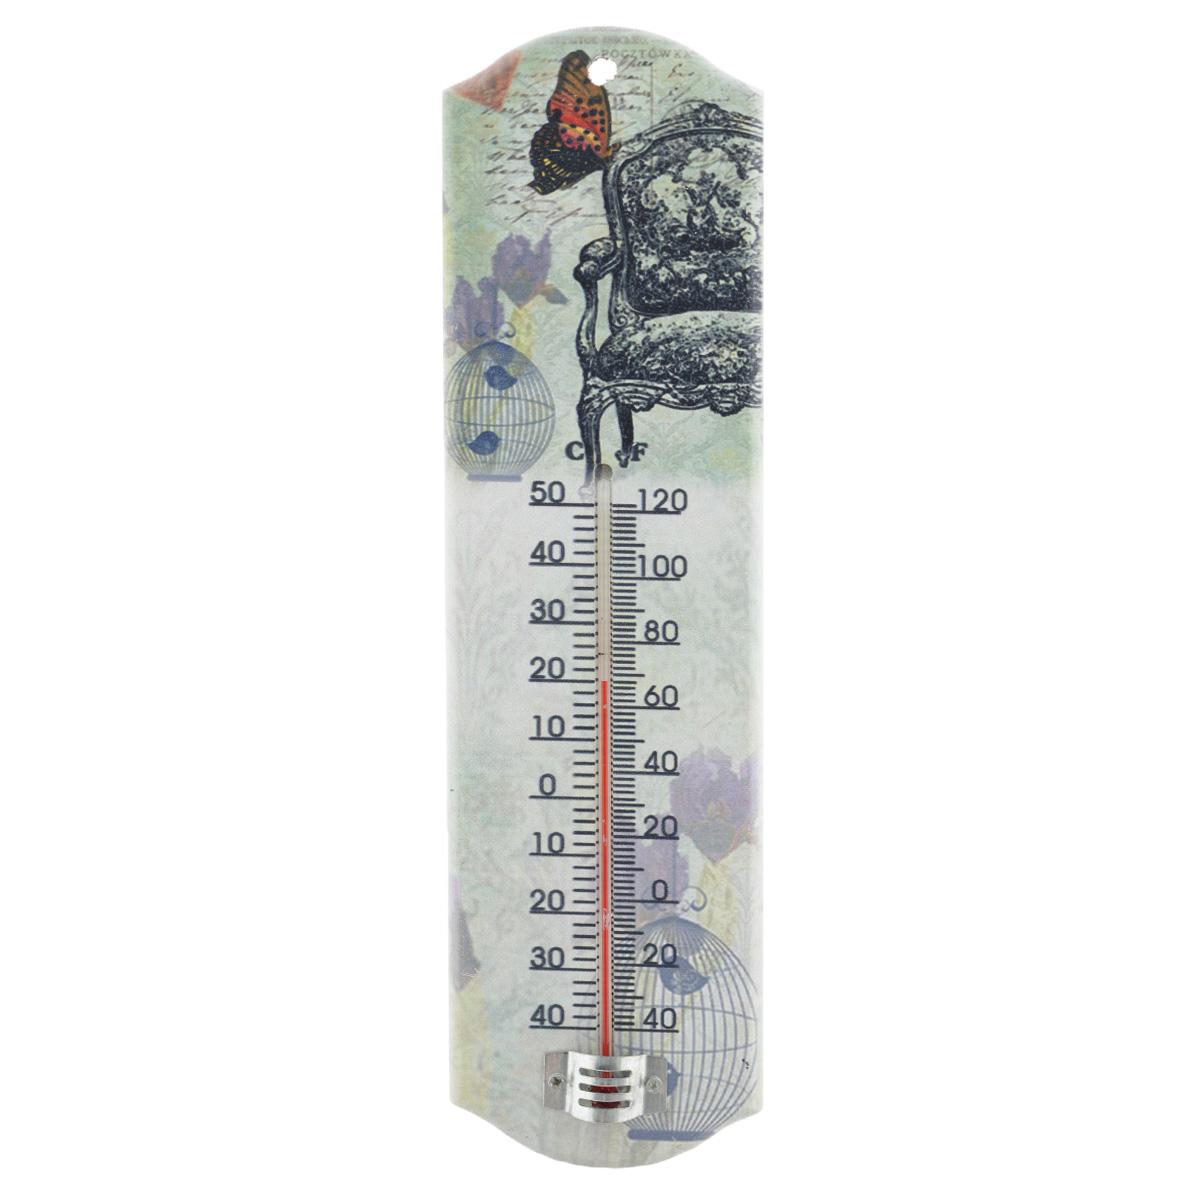 Термометр декоративный Феникс-презент, комнатный. 33738THN132NКомнатный термометр Феникс-презент, изготовленный из МДФ и стекла, декорирован изображением винтажного кресла и бабочки. Термометр имеет шкалу измерения температуры по Цельсию (-40°С - +50°С) и по Фаренгейту (-40°F - +120°F).Благодаря такому термометру вы всегда будете точно знать, насколько тепло в помещении. Изделие оснащено специальным отверстием для подвешивания.Оригинальный дизайн не оставит равнодушным никого. Термометр удачно впишется в обстановку жилого помещения, гаража или беседки. Кроме того, это актуальный подарок для человека с хорошим вкусом.Высота градусника: 14,5 см.